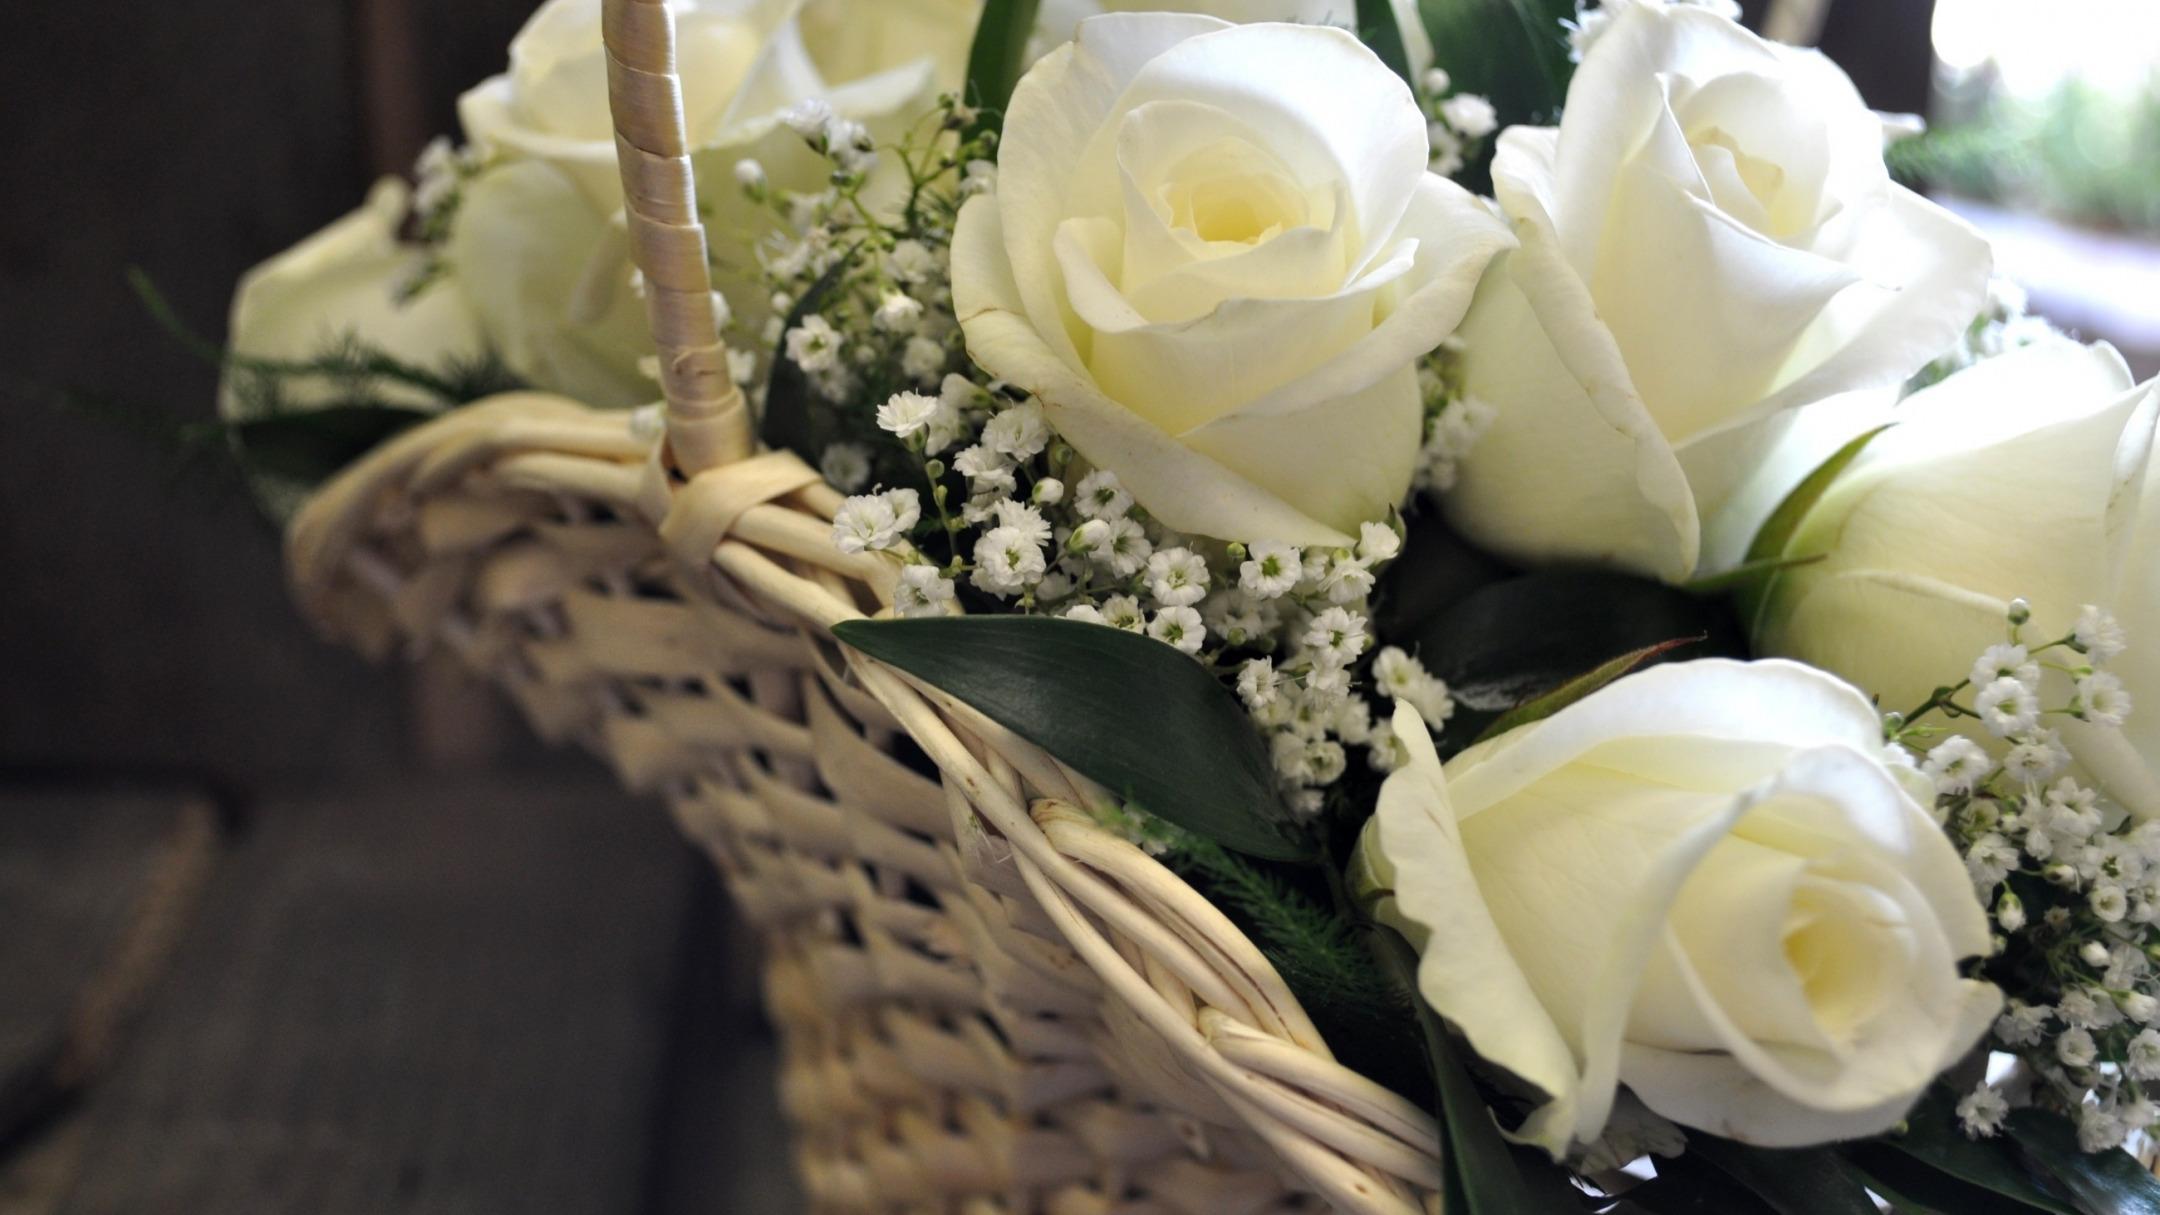 больше всего на рабочий стол фото белых роз букет есенина вылились